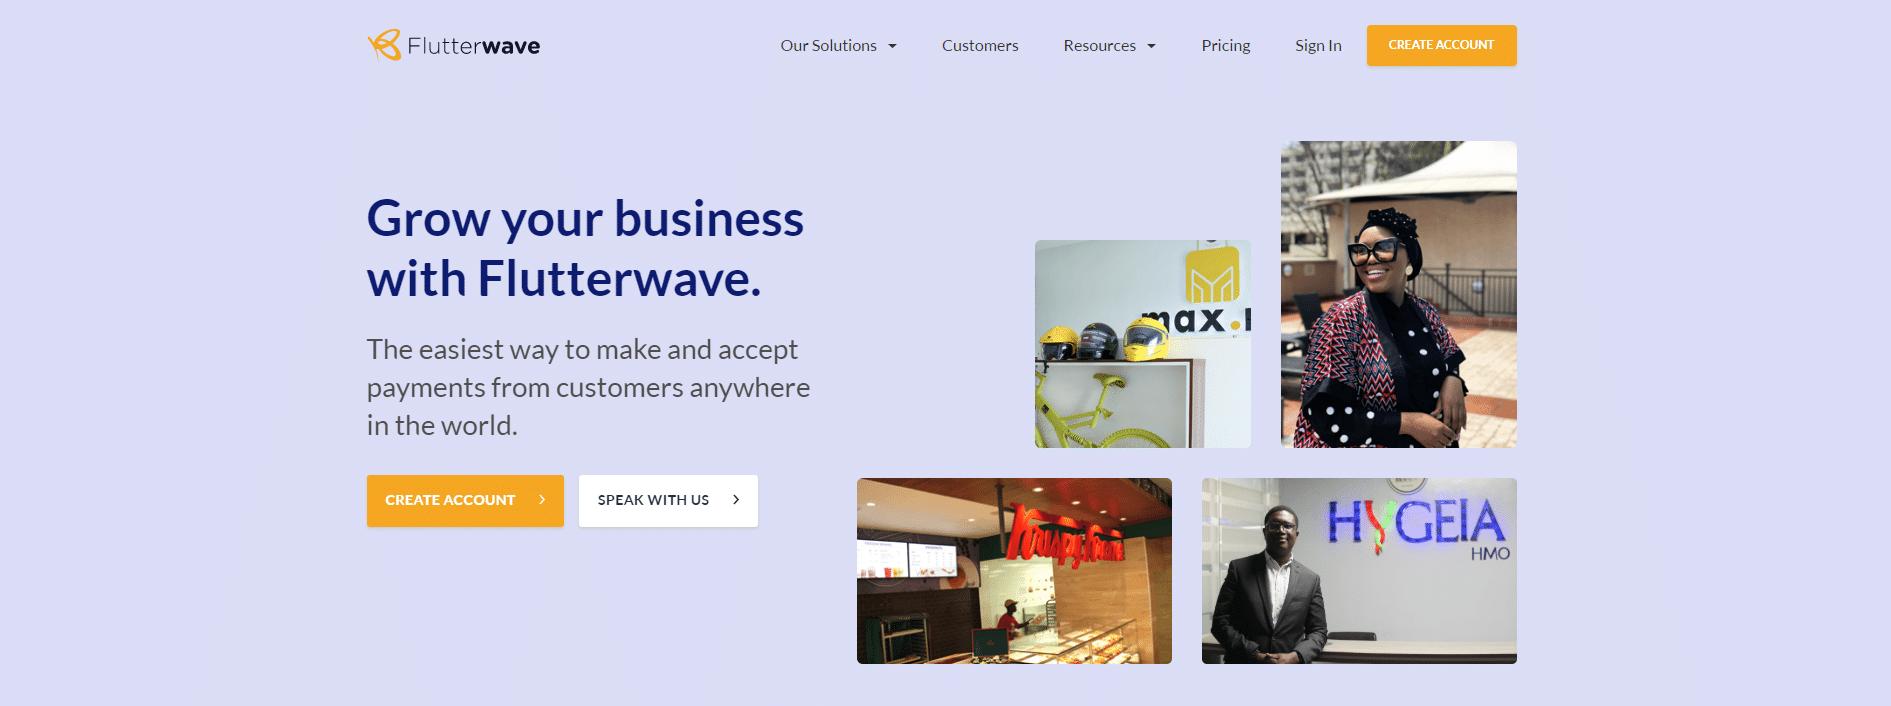 Flutterwave online payment gateway in Africa